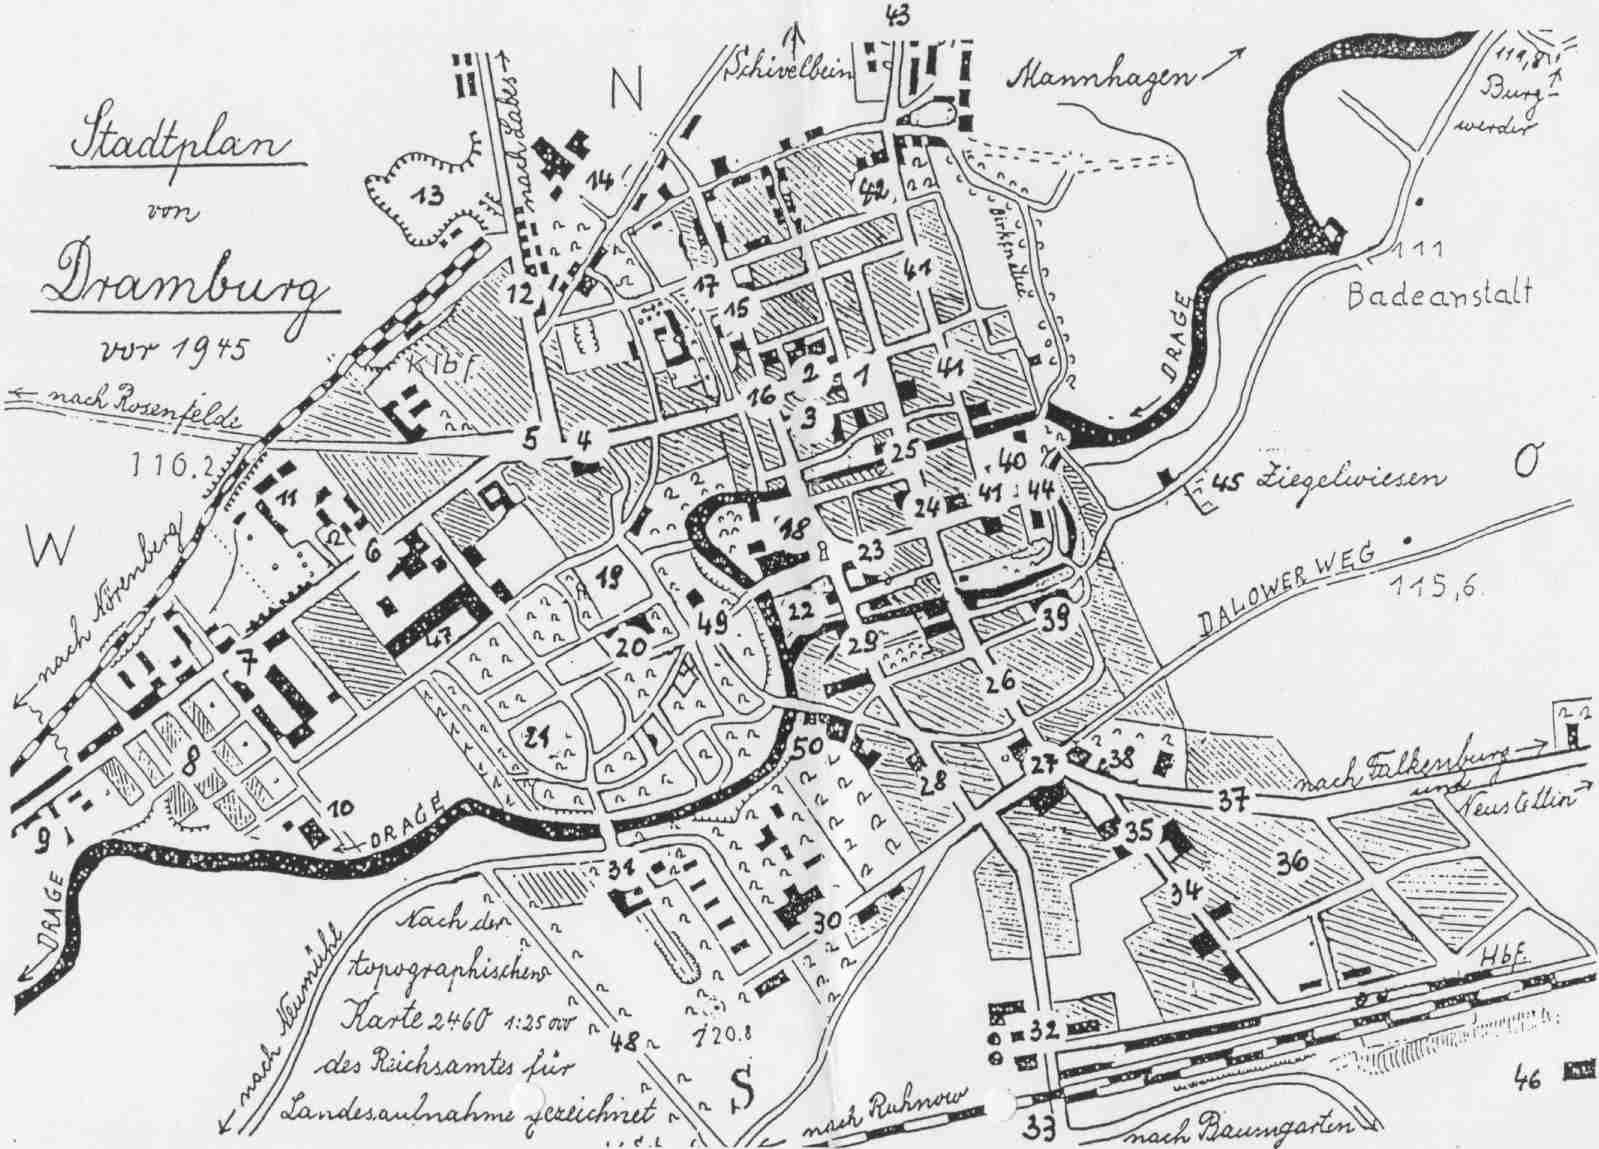 Pommern Karte Vor 1945.Stadtplan Von Dramburg Vor 1945 Pommern Landkarten Und Stadtpläne